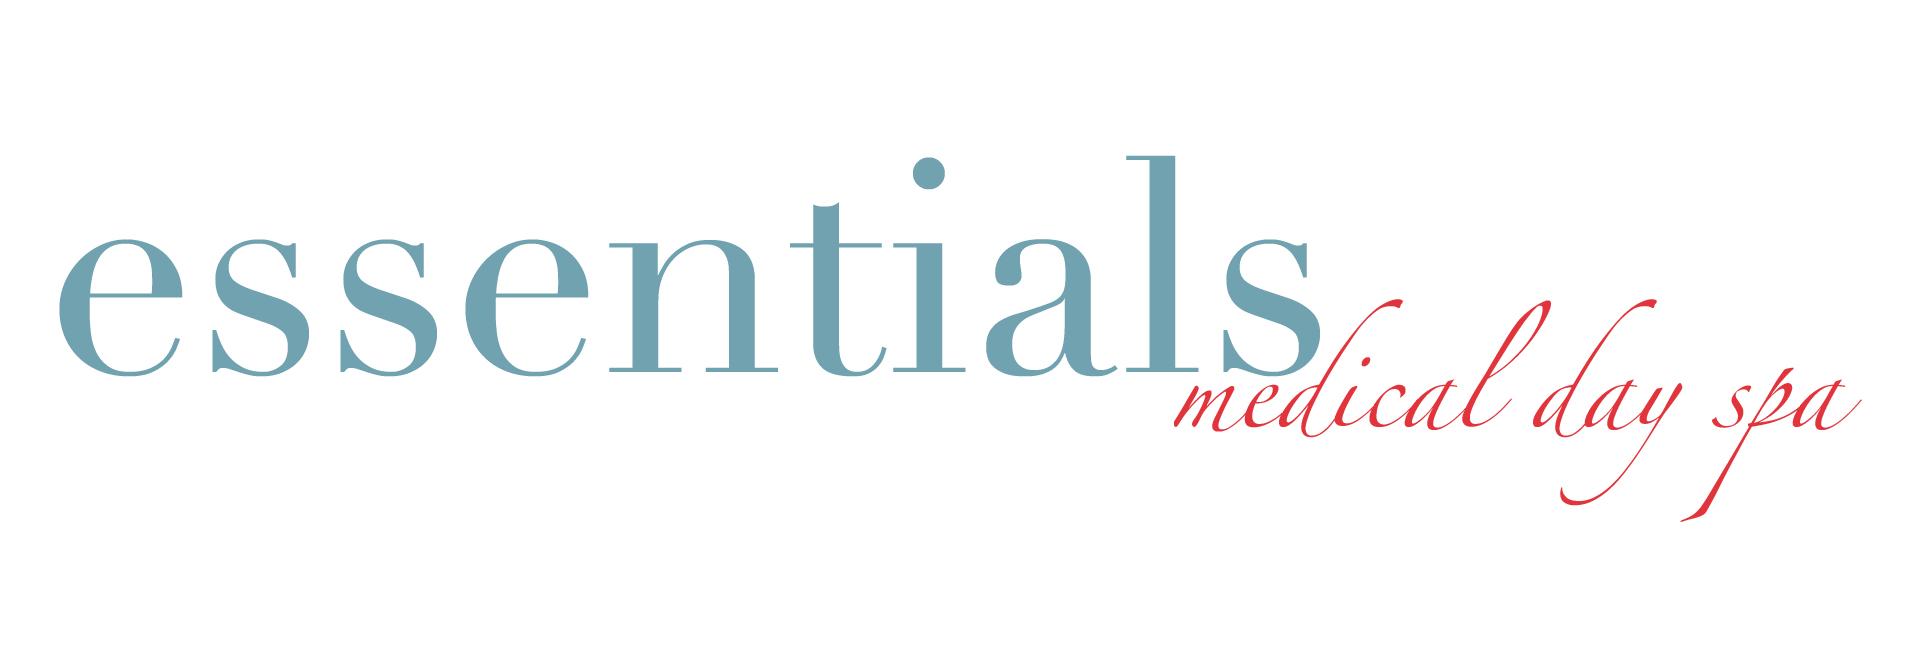 essentials4.jpg